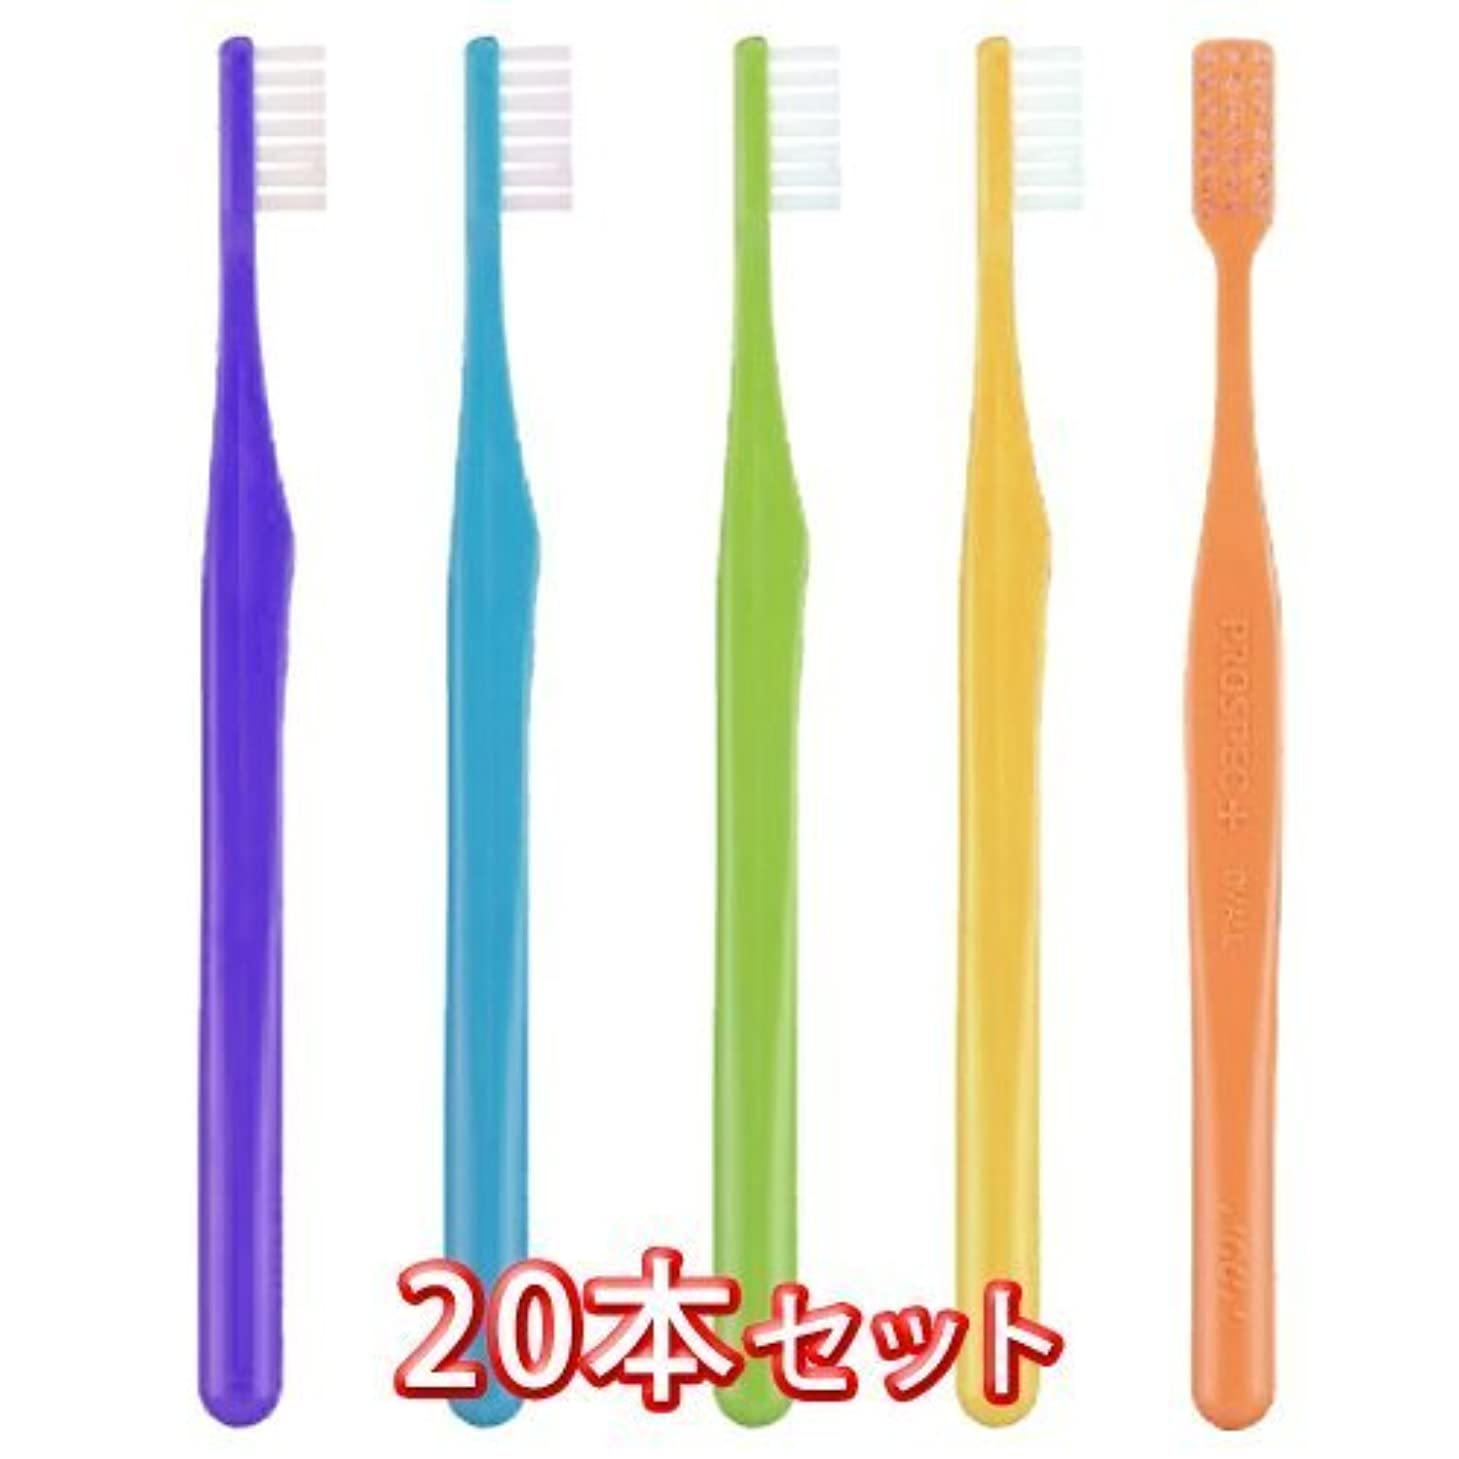 掃く談話感じプロスペック プラス 歯ブラシ 20本入 スモール